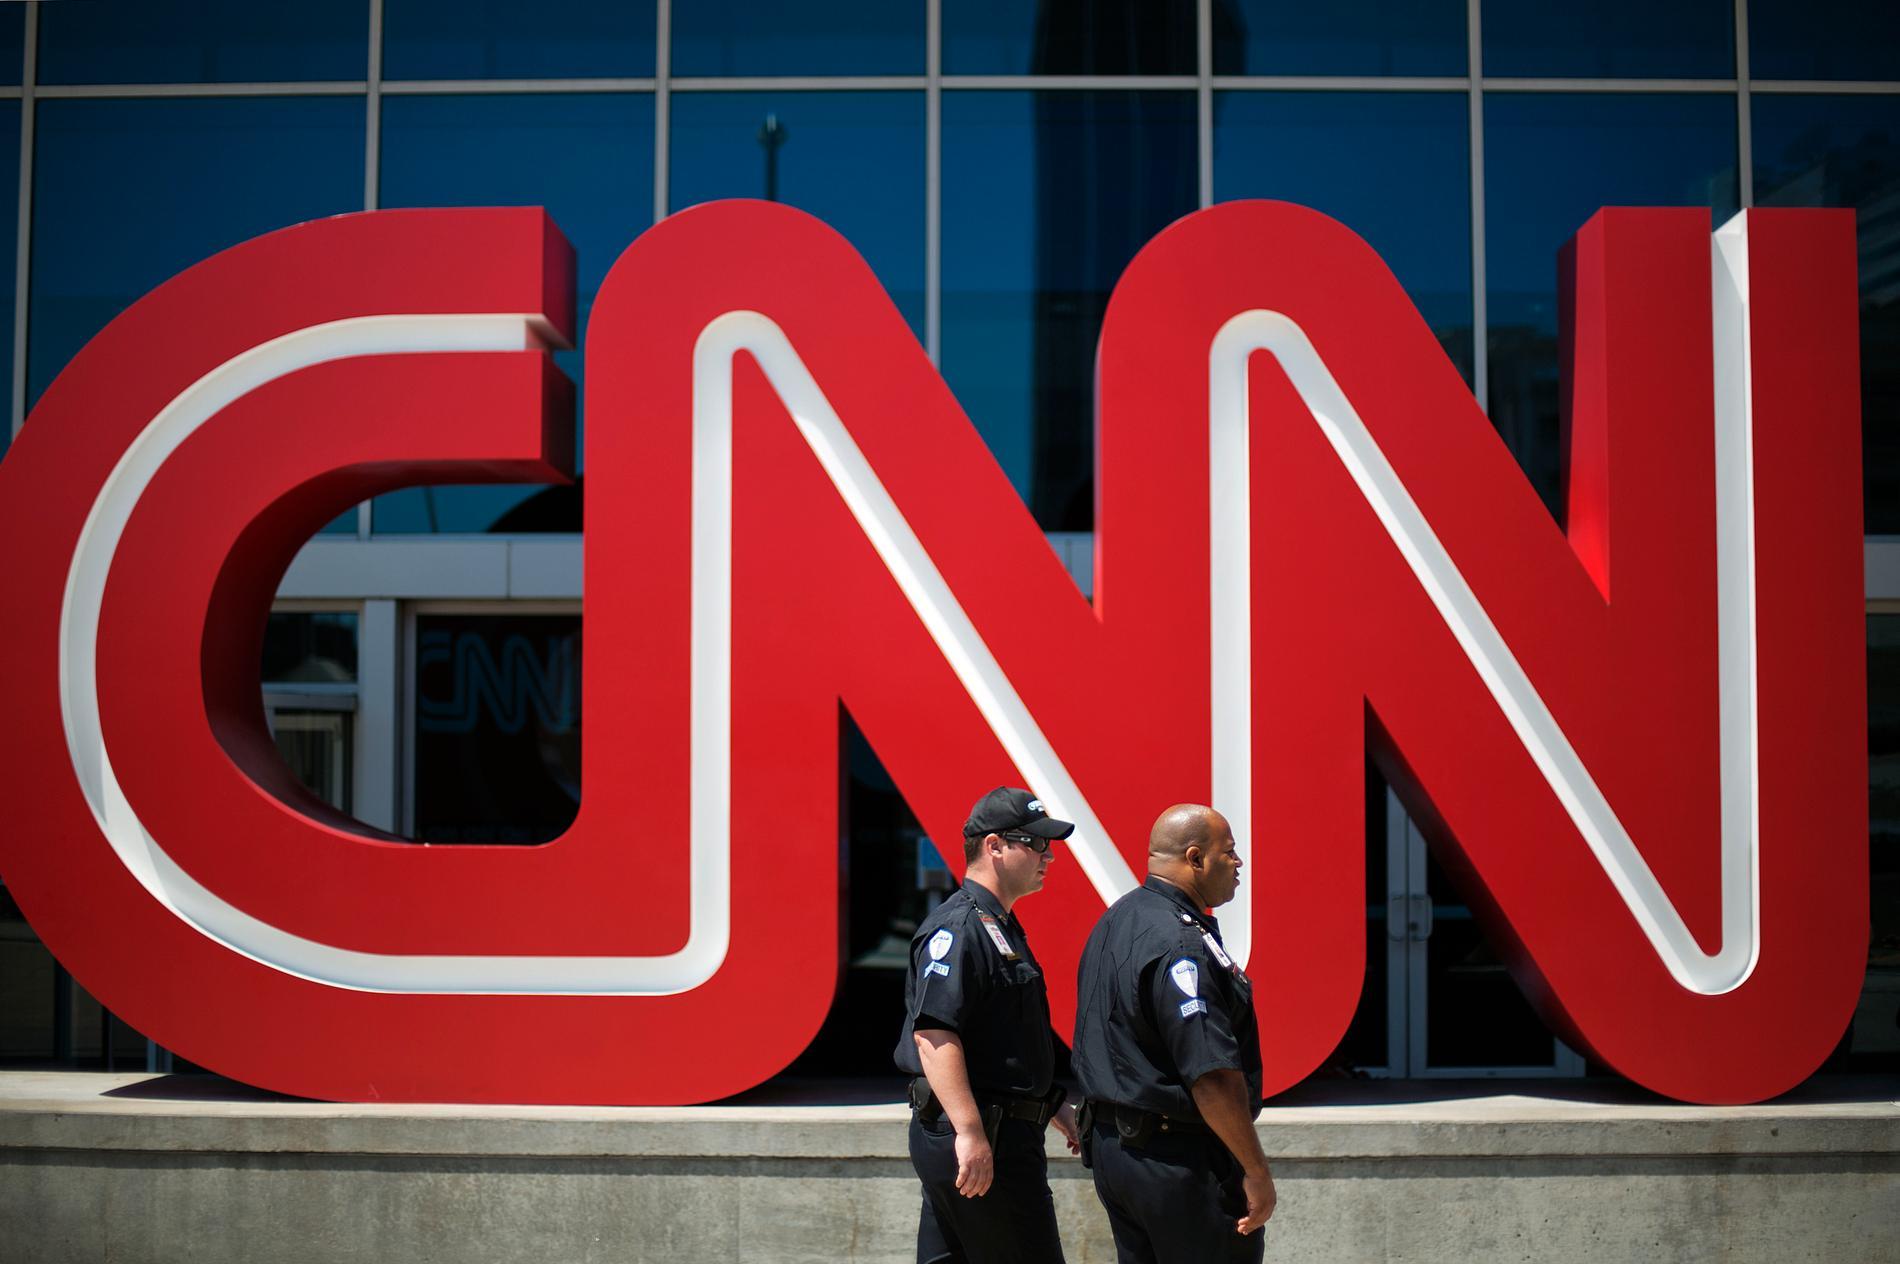 Nyhetsbolaget CNN kräver att alla deras anställda vaccinerar sig mot covid-19.